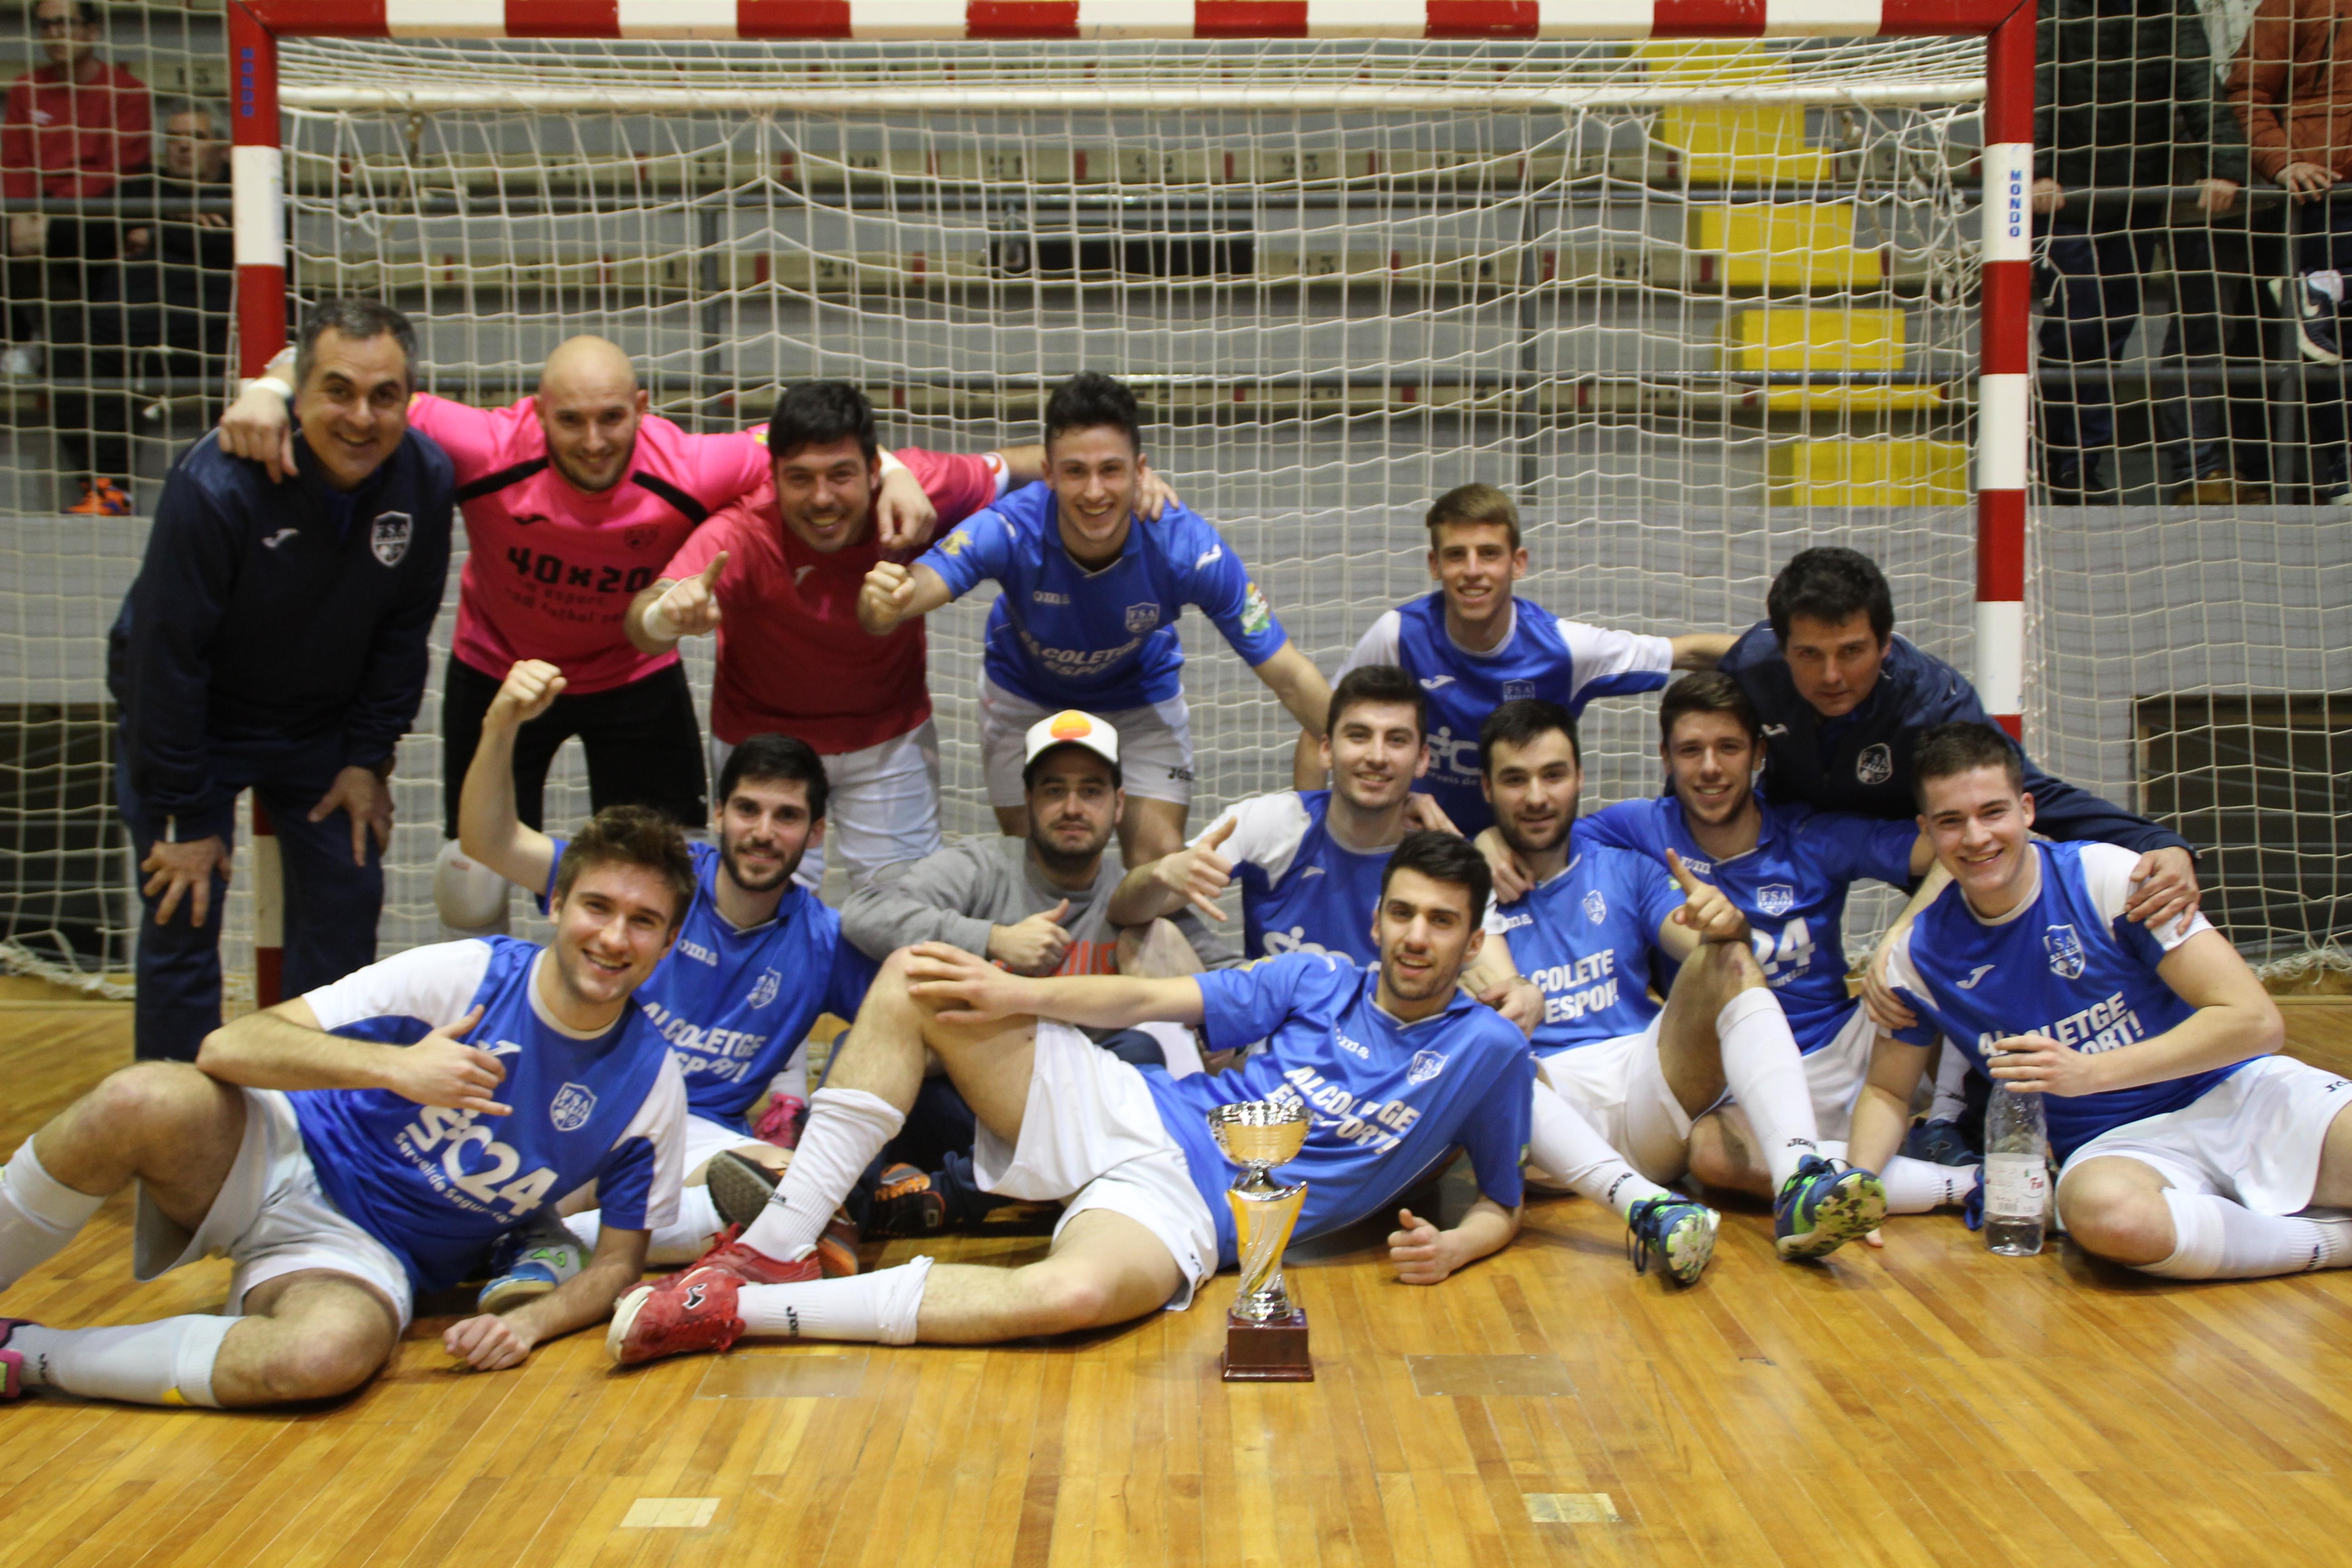 Campions Copa Lleida Sènior - CFS ALCOLETGE